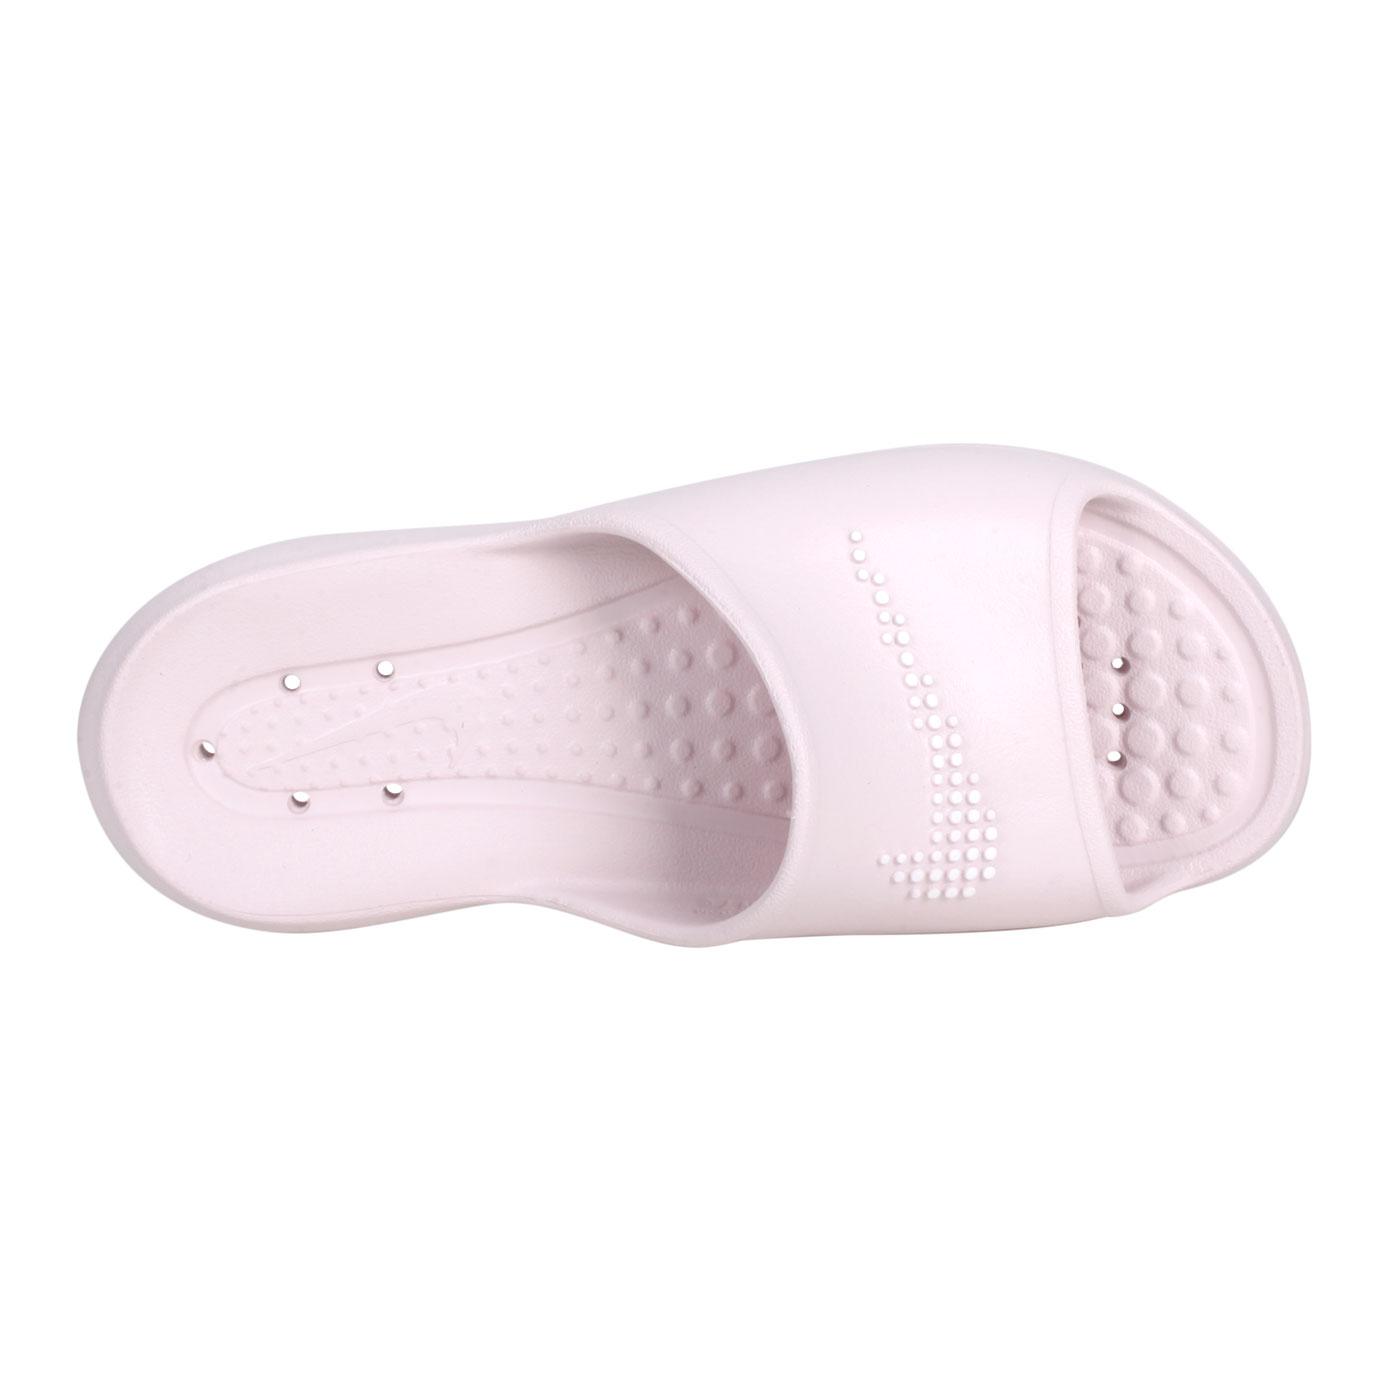 NIKE 女款休閒拖鞋  @W VICTORI  ONE SHWER SLIDE@CZ7836-600